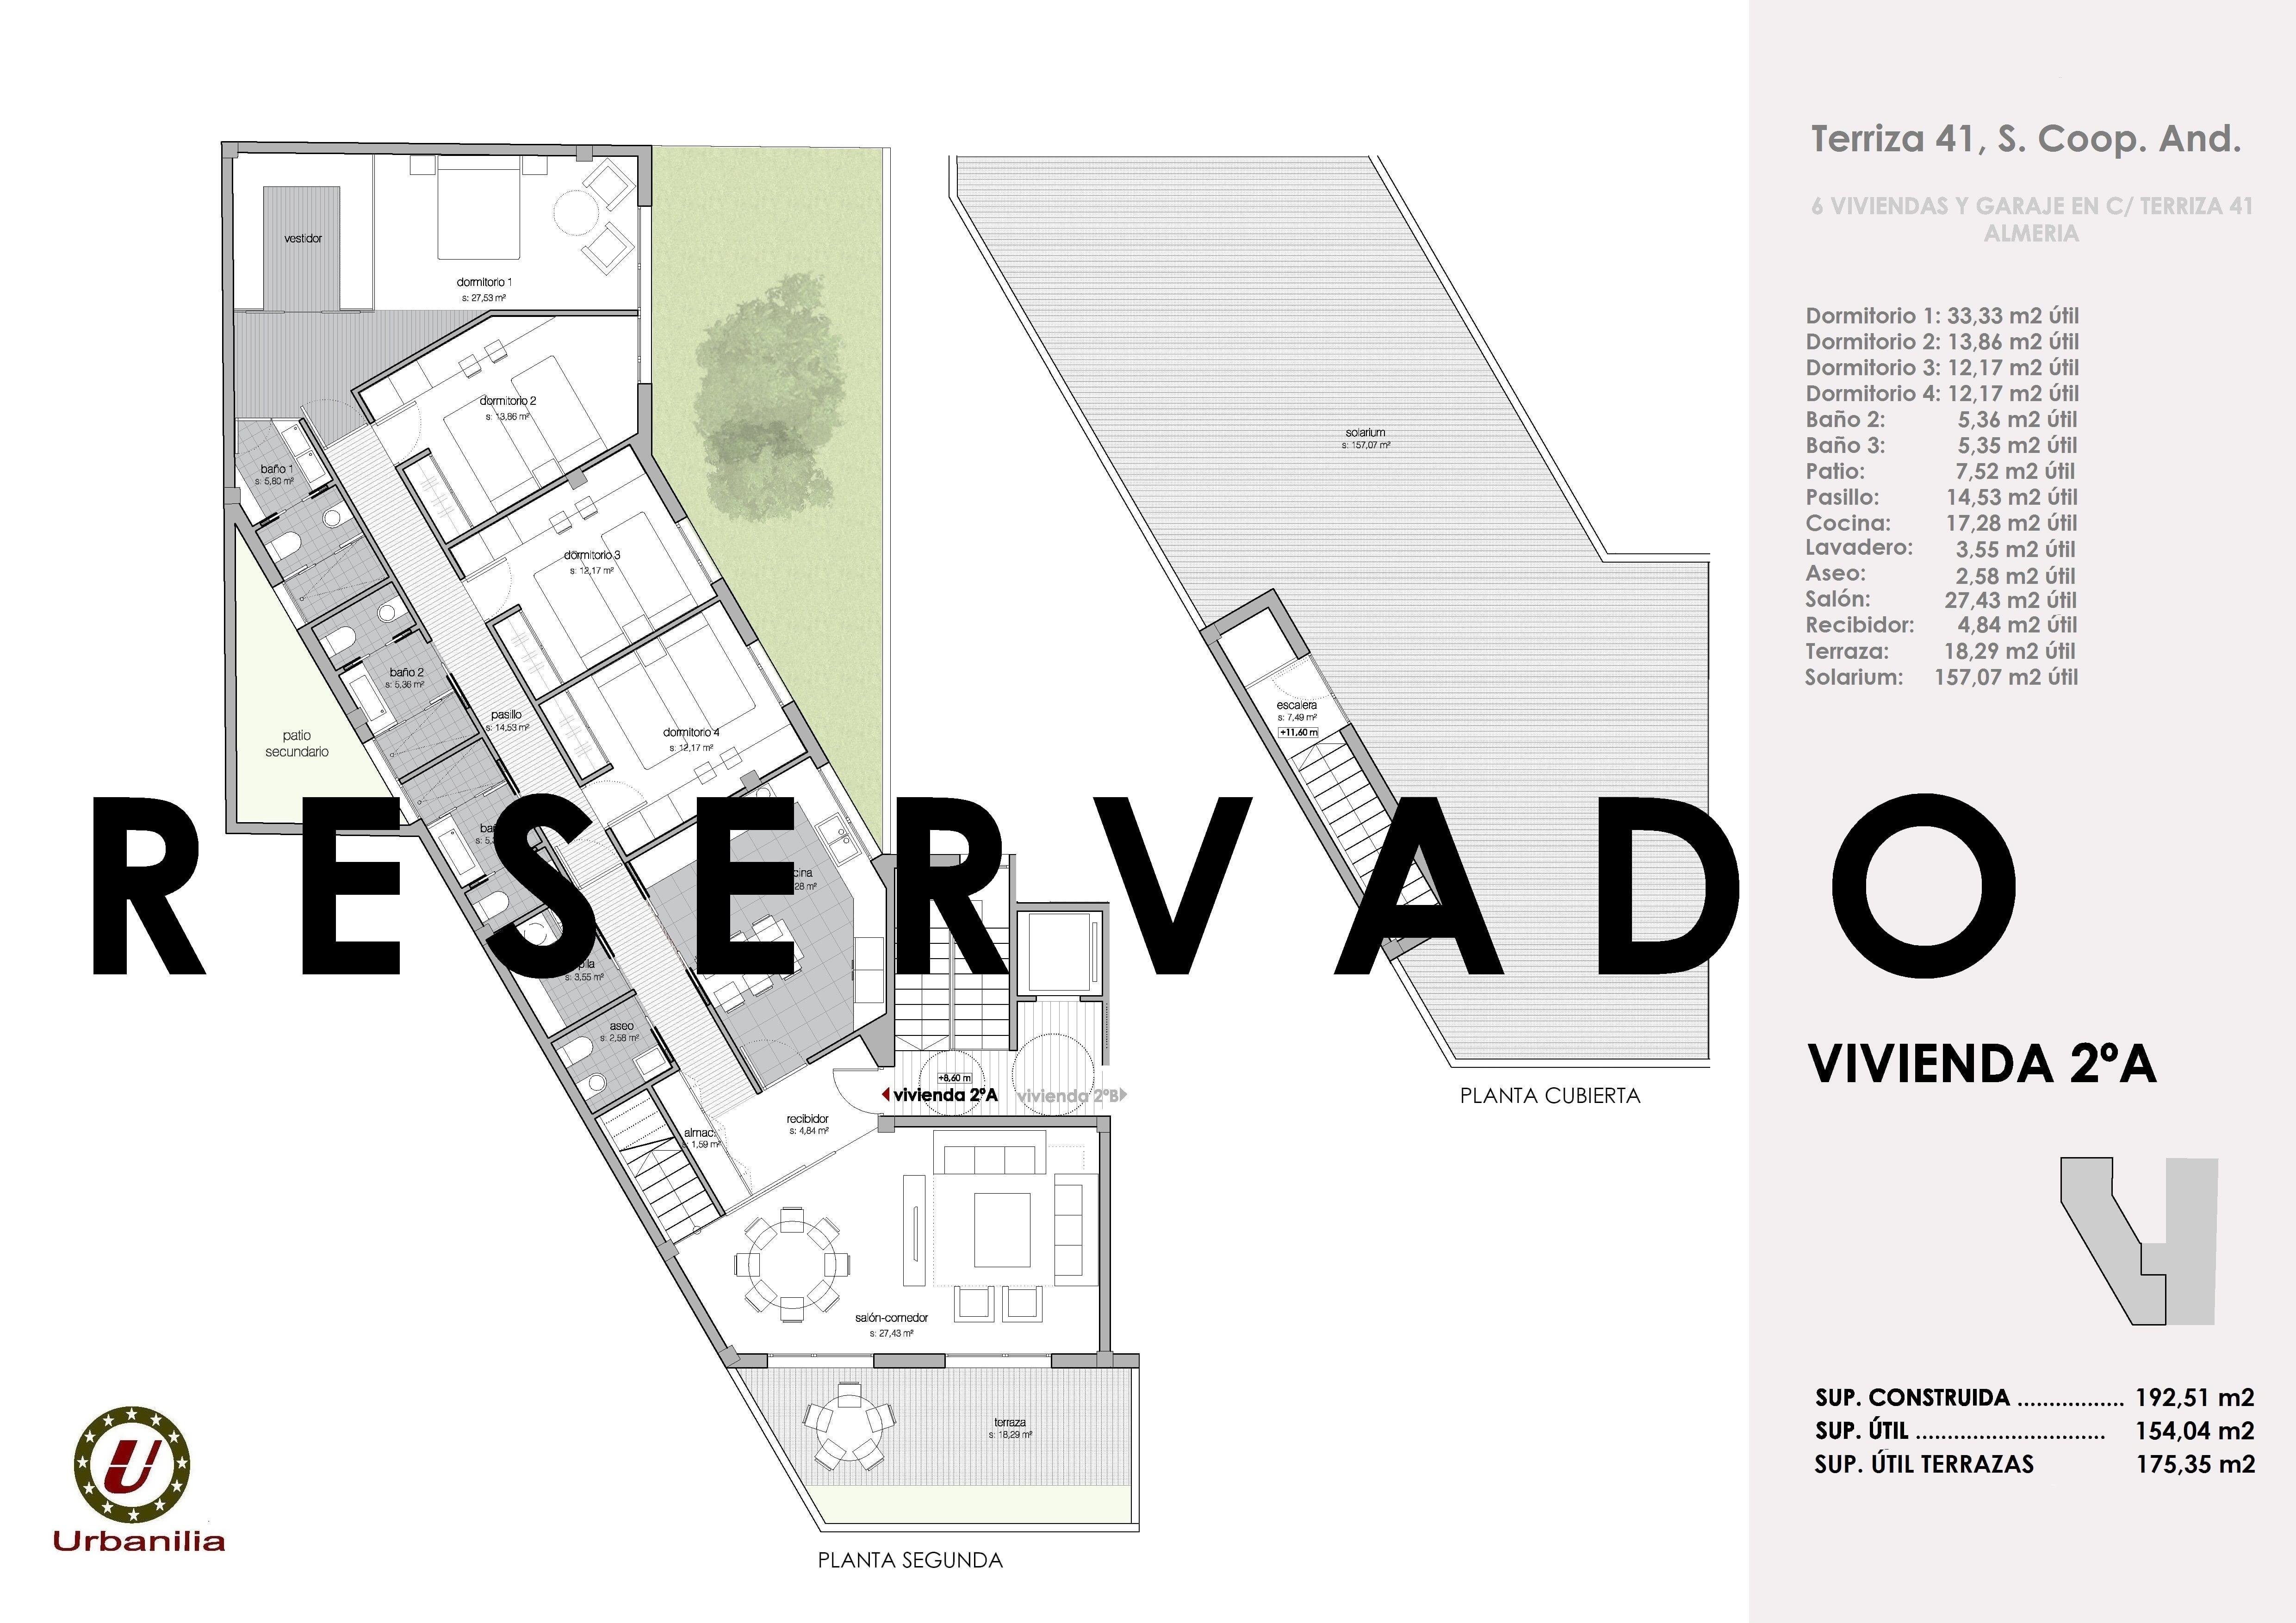 9-2A-min RESERVADO